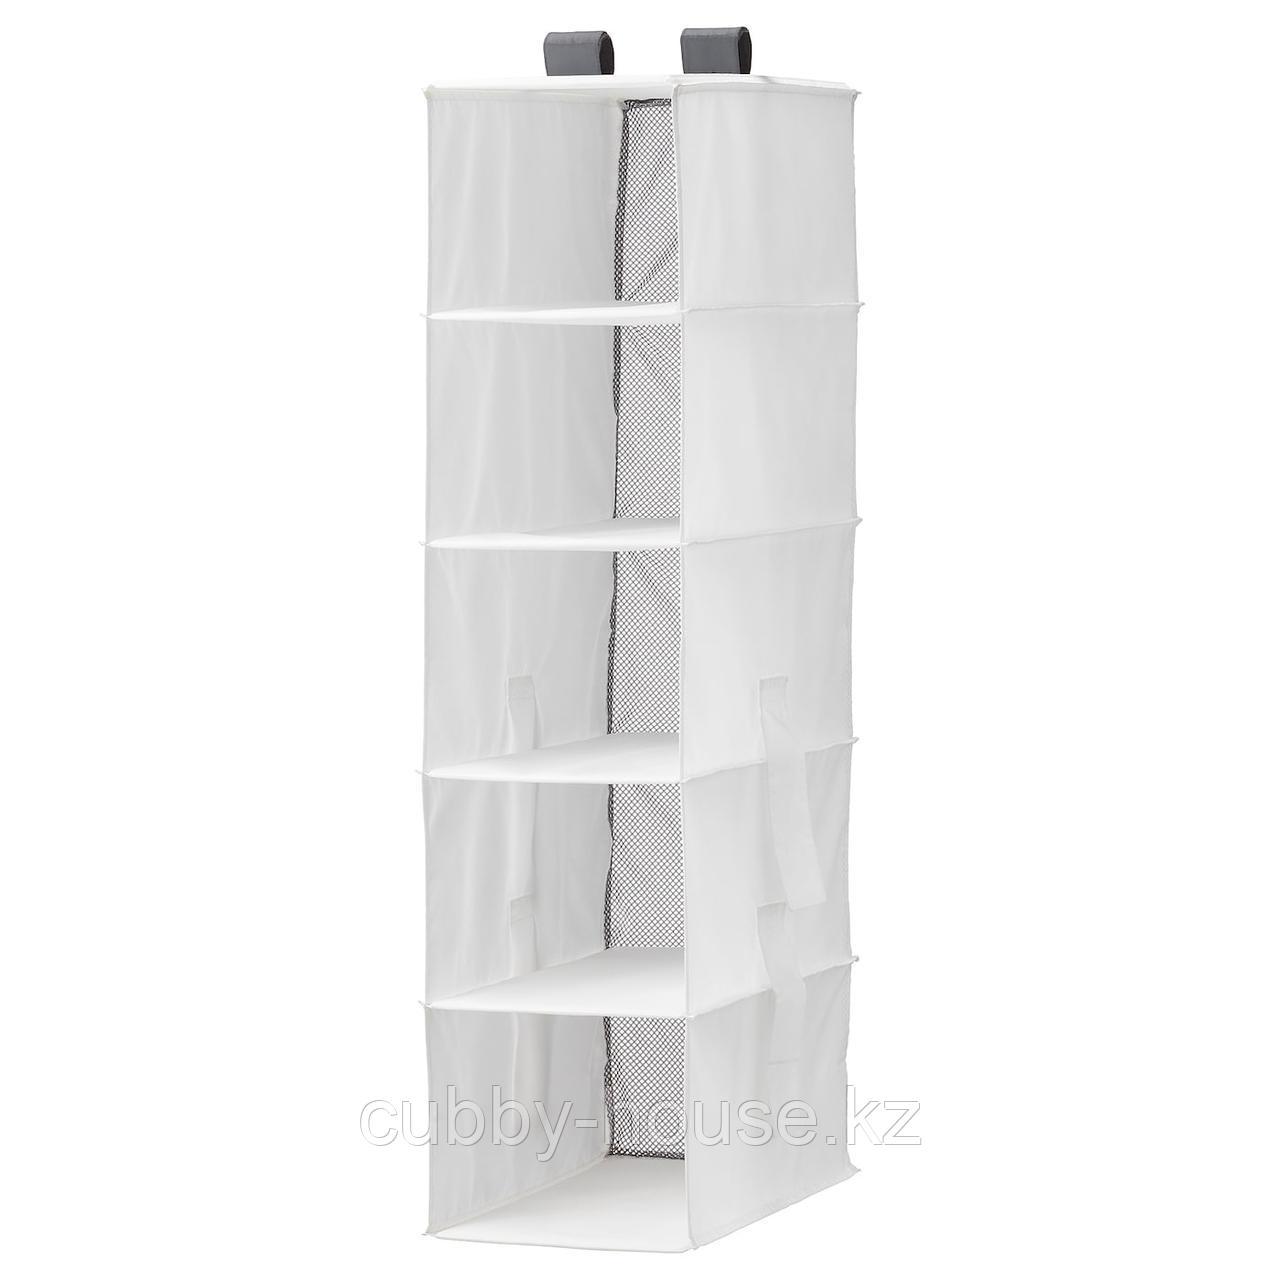 РАССЛА Модуль для хранения с 5 отделениями, белый, 25x40x98 см